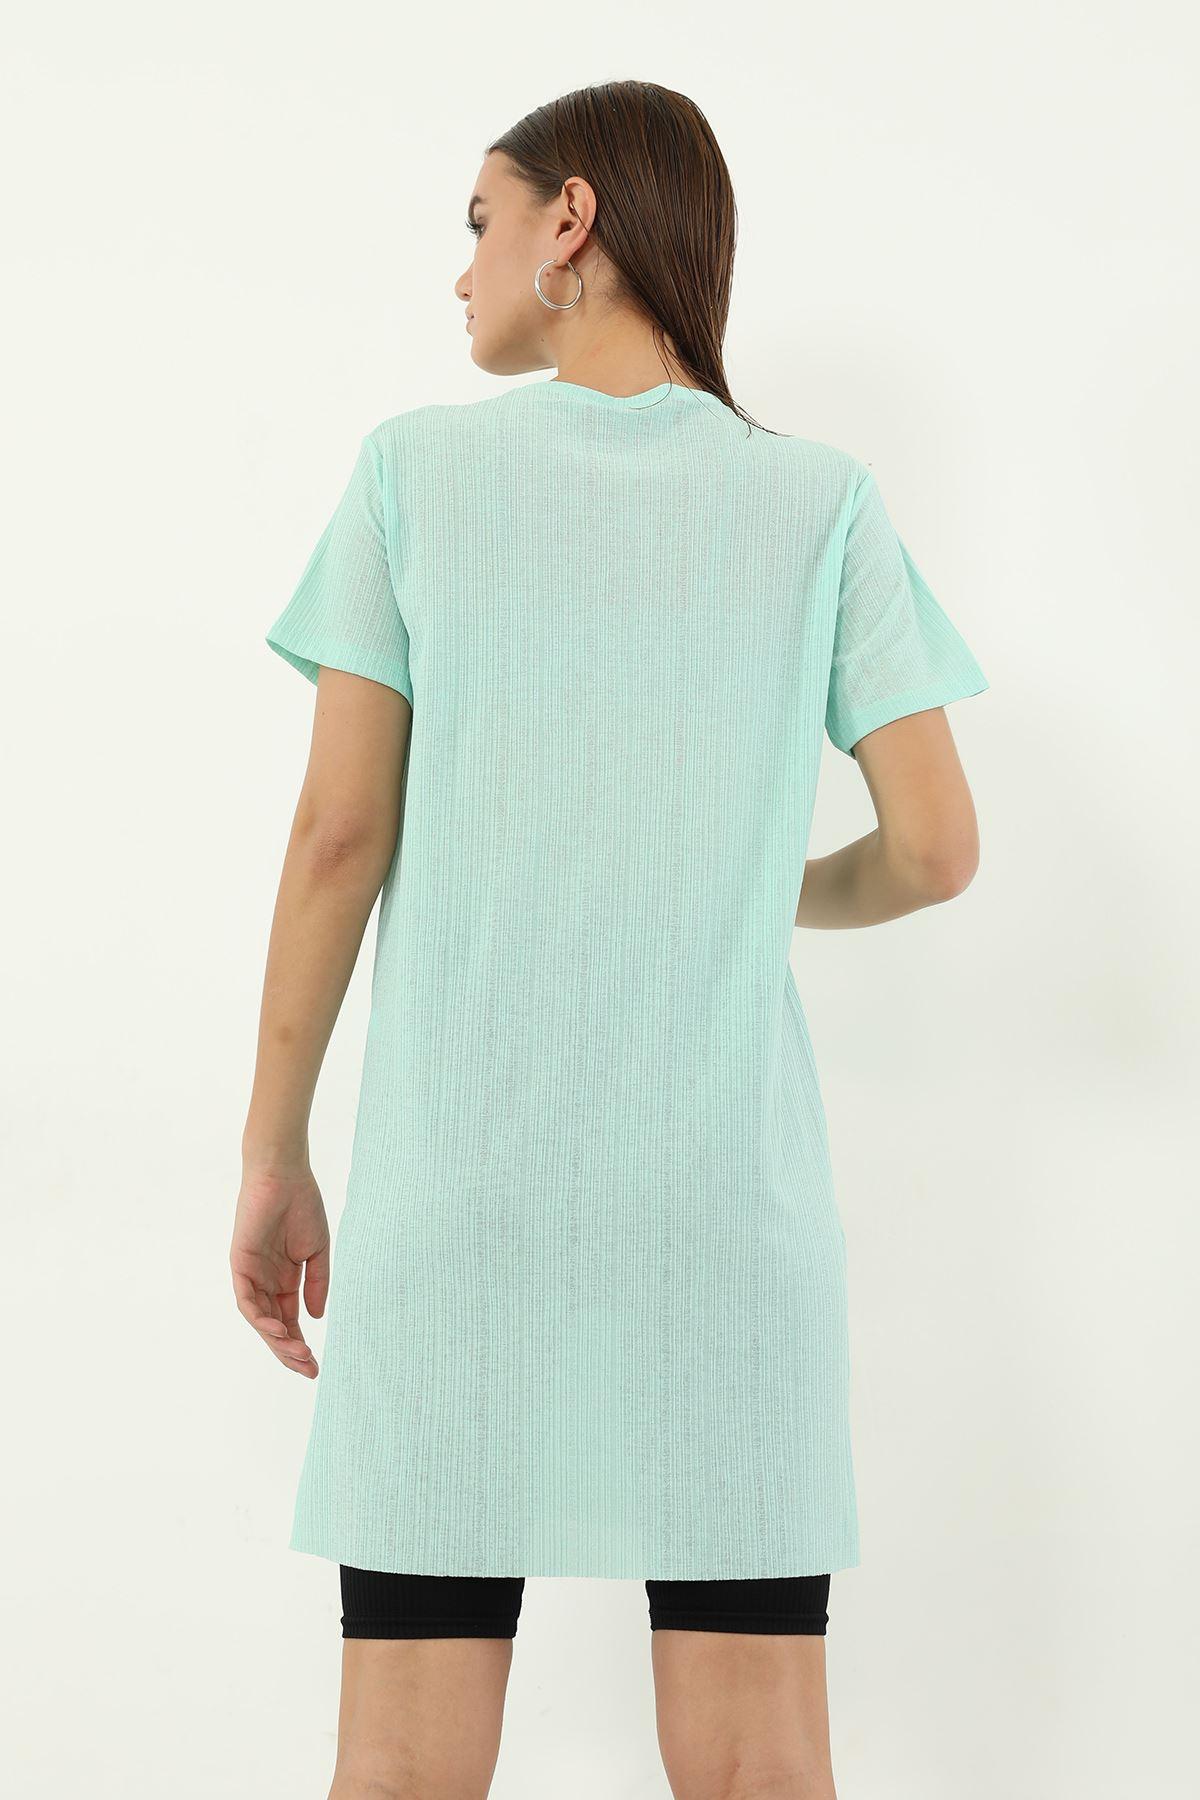 Ases Baskılı T-shirt-Mint